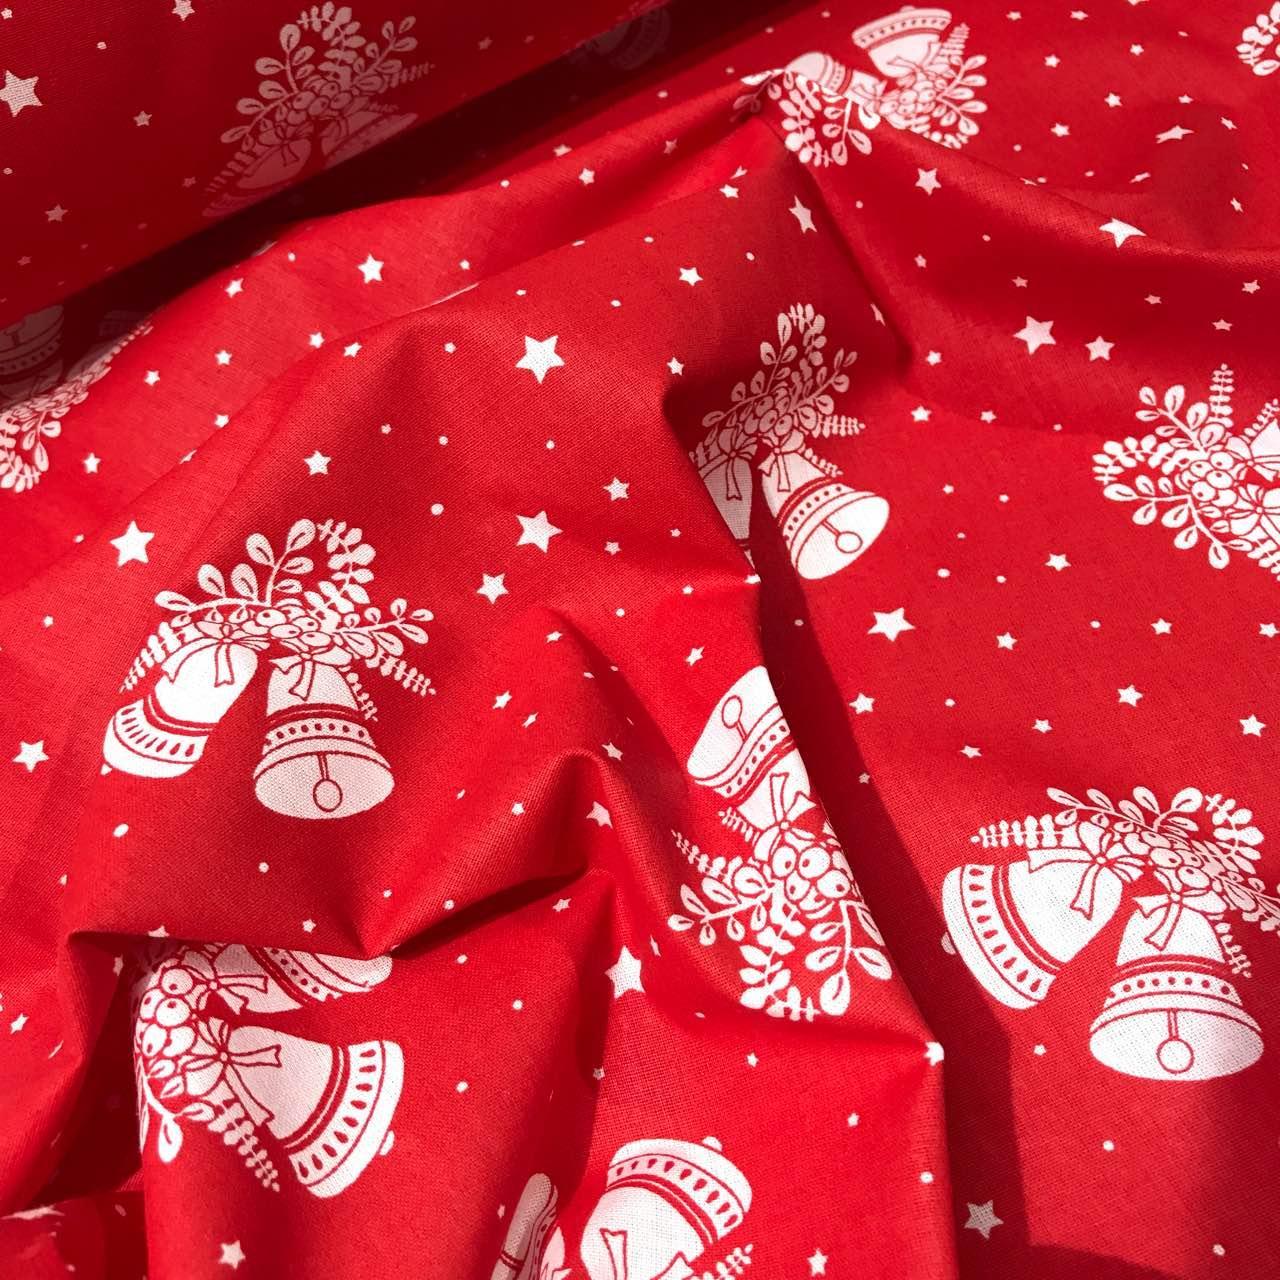 Новорічна тканина з дзвіночками на червоному тлі № 812